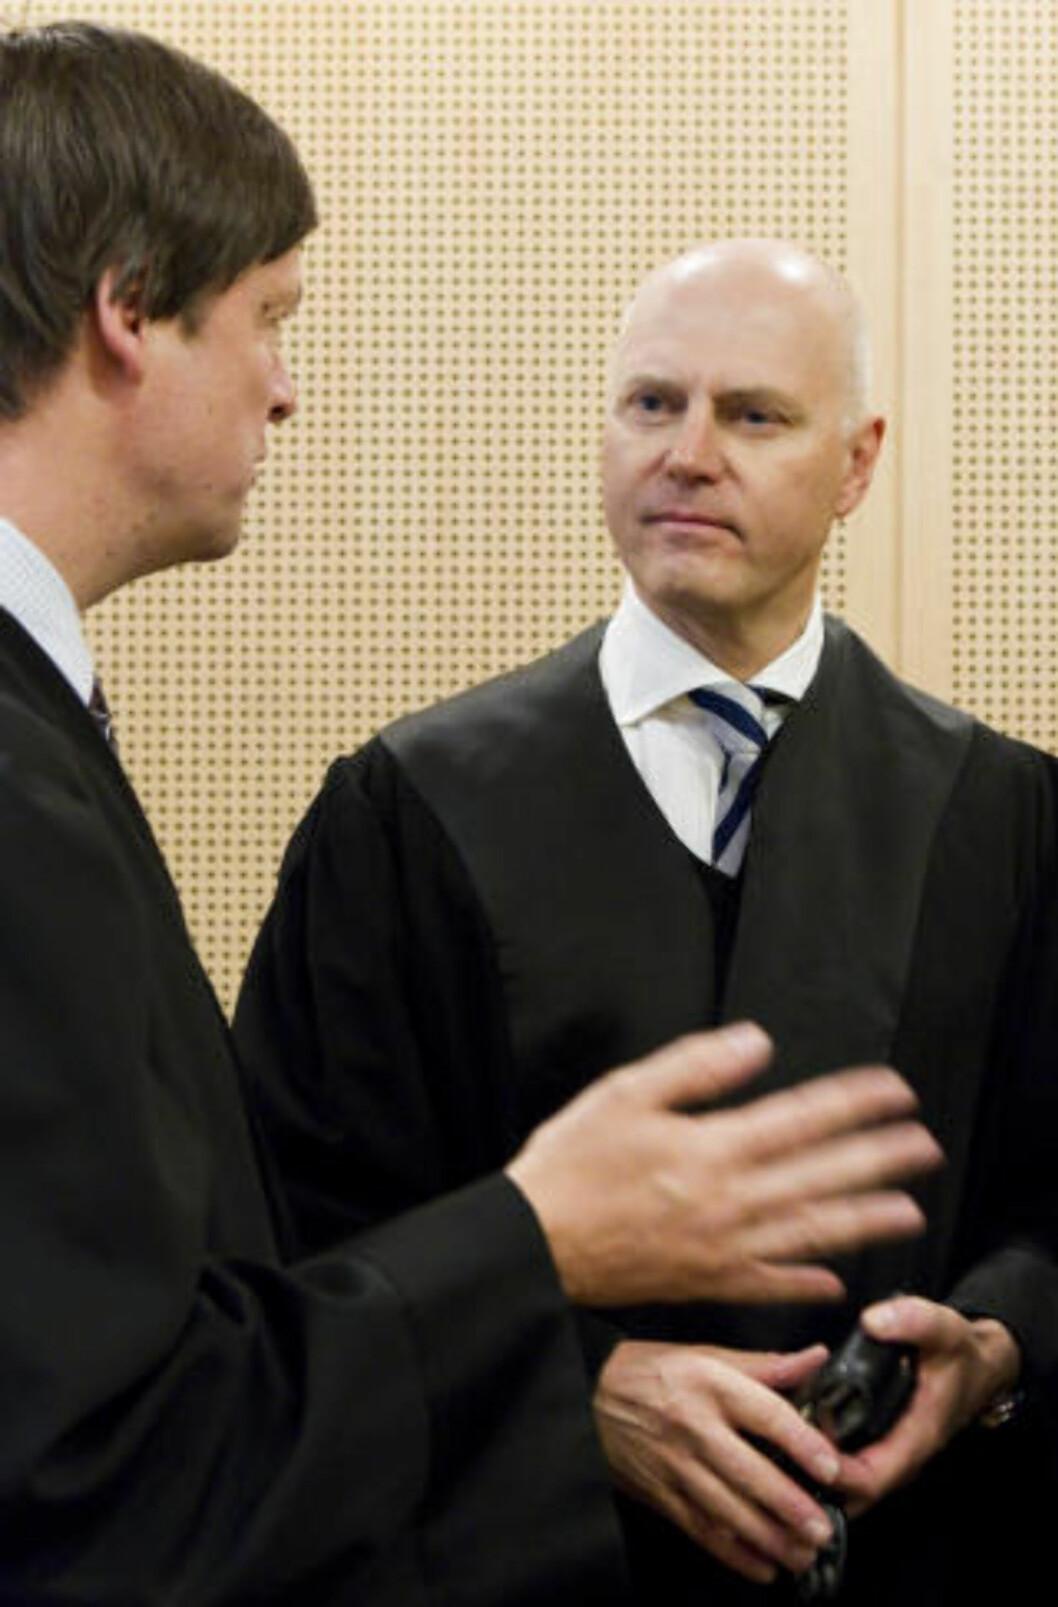 <strong>DISKUSJON:</strong> John Christian Elden (venstre) diskuterer med DnB NORs advokat Anders Ryssdal (fra Wiersholm). Foto: Scanpix